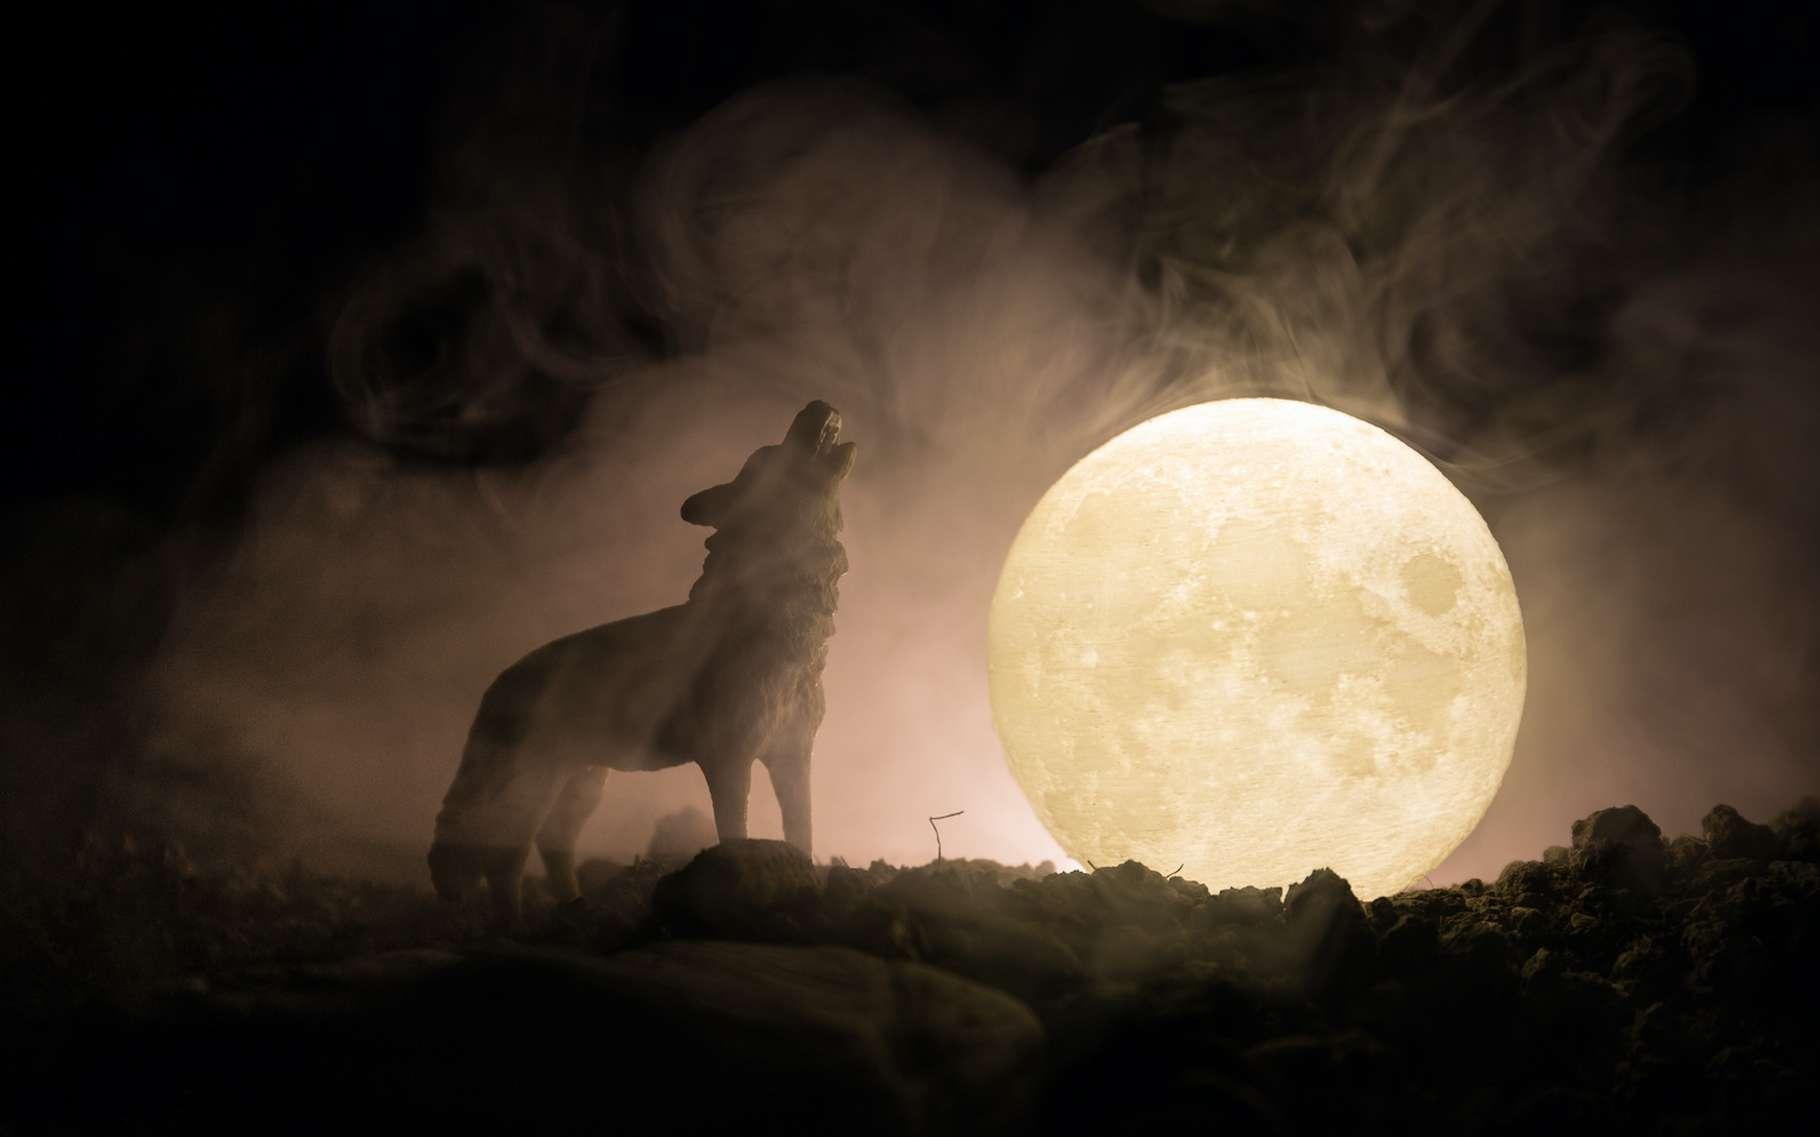 La première pleine Lune de janvier est surnommée la « Lune du loup ». Celle de 2020 a été l'occasion d'une éclipse de Lune pénombrale qui a pu être observée sur une grande partie de l'Europe. © zef art, Adobe Stock